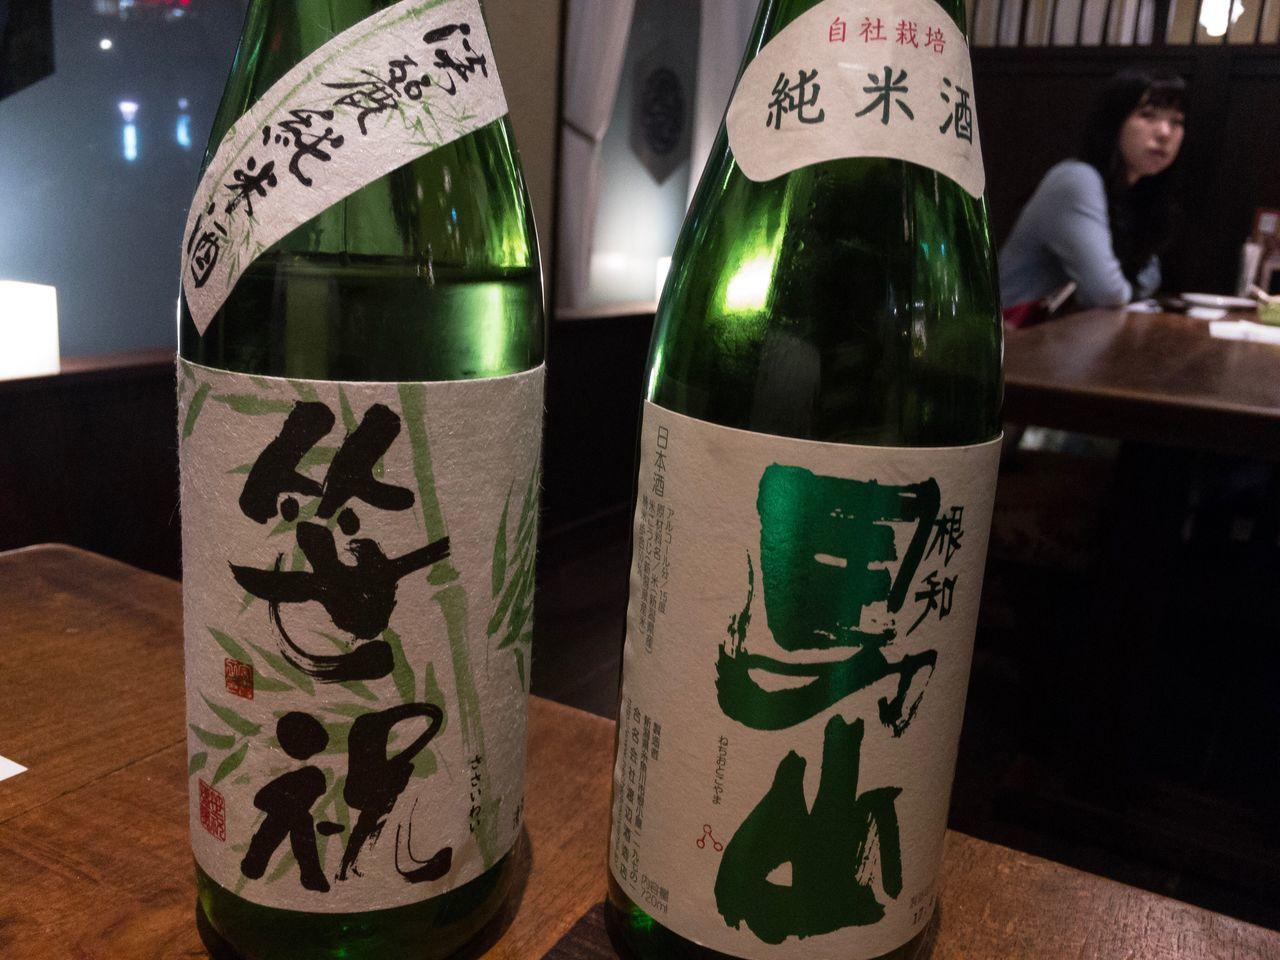 新潟は、お米も魚も野菜もお酒も漬物も、どれも美味しくて驚く。特に、野菜は固定種や在来種が多くて味も香りも濃いものがあって、口に含むと驚くことが多い。そして、安い。とにかく安い。 日本酒も数が多くて嬉しい。😆🍻😋 Bottle Sake EyeEm Gallery Travel Destinations Japanese Style Bar Izakaya Niigata From My Point Of View 笹祝 Sasa-iwai 根知男山 Nechi-otokoyama Japanese  Rice Wine Yammy!!